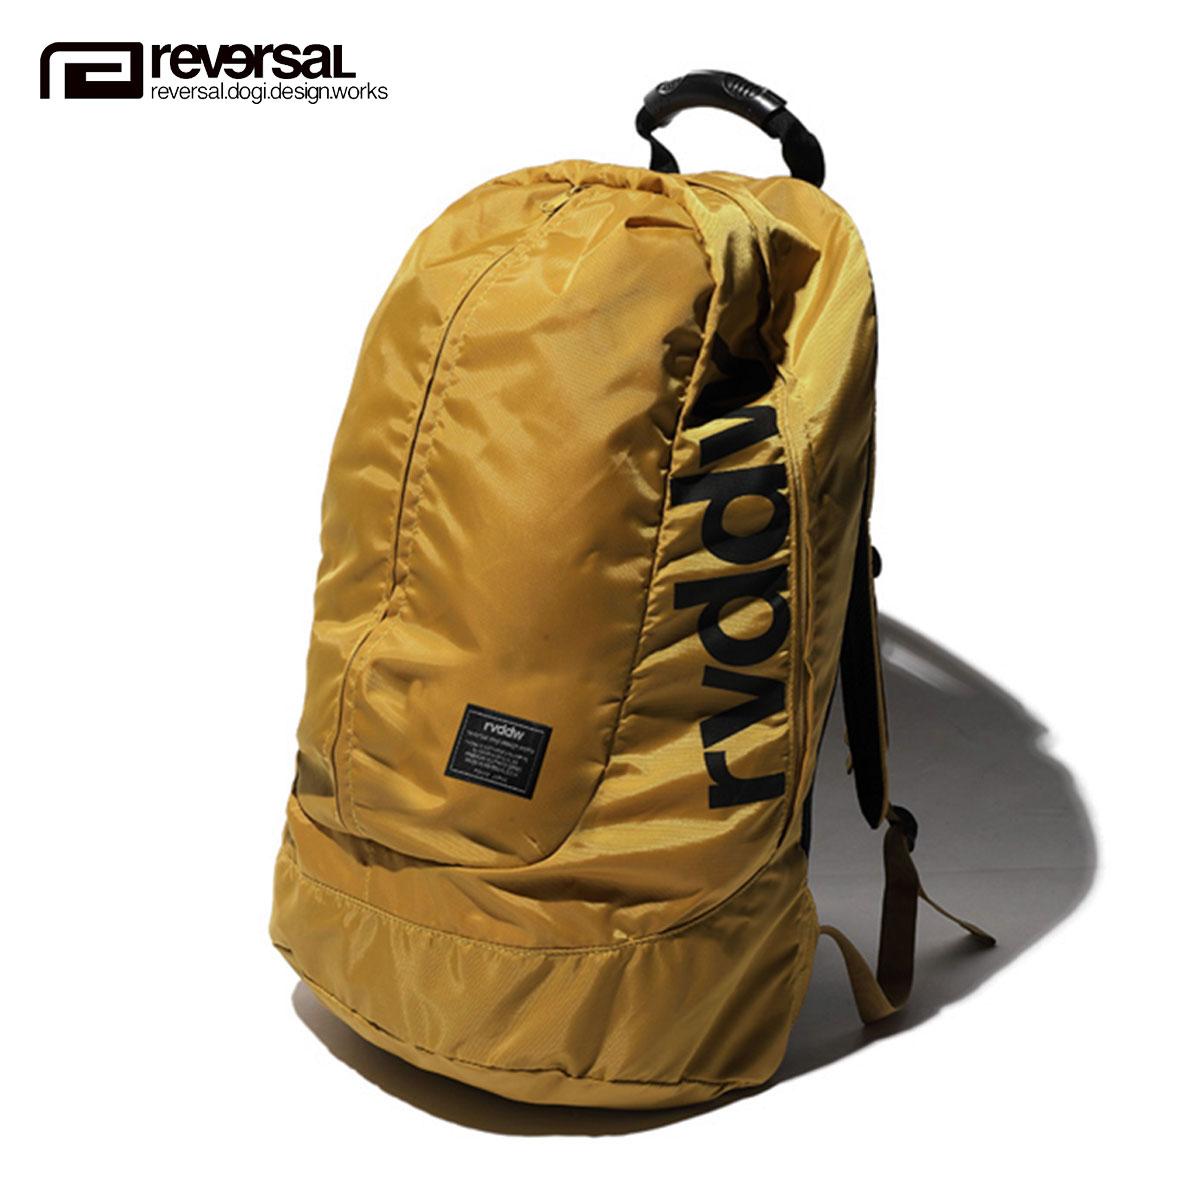 予約商品 6月頃入荷予定 リバーサル REVERSAL 正規販売店 メンズ レディース バックパック リュック バッグ NEW GIANT BAG rvbs025 KHAKI